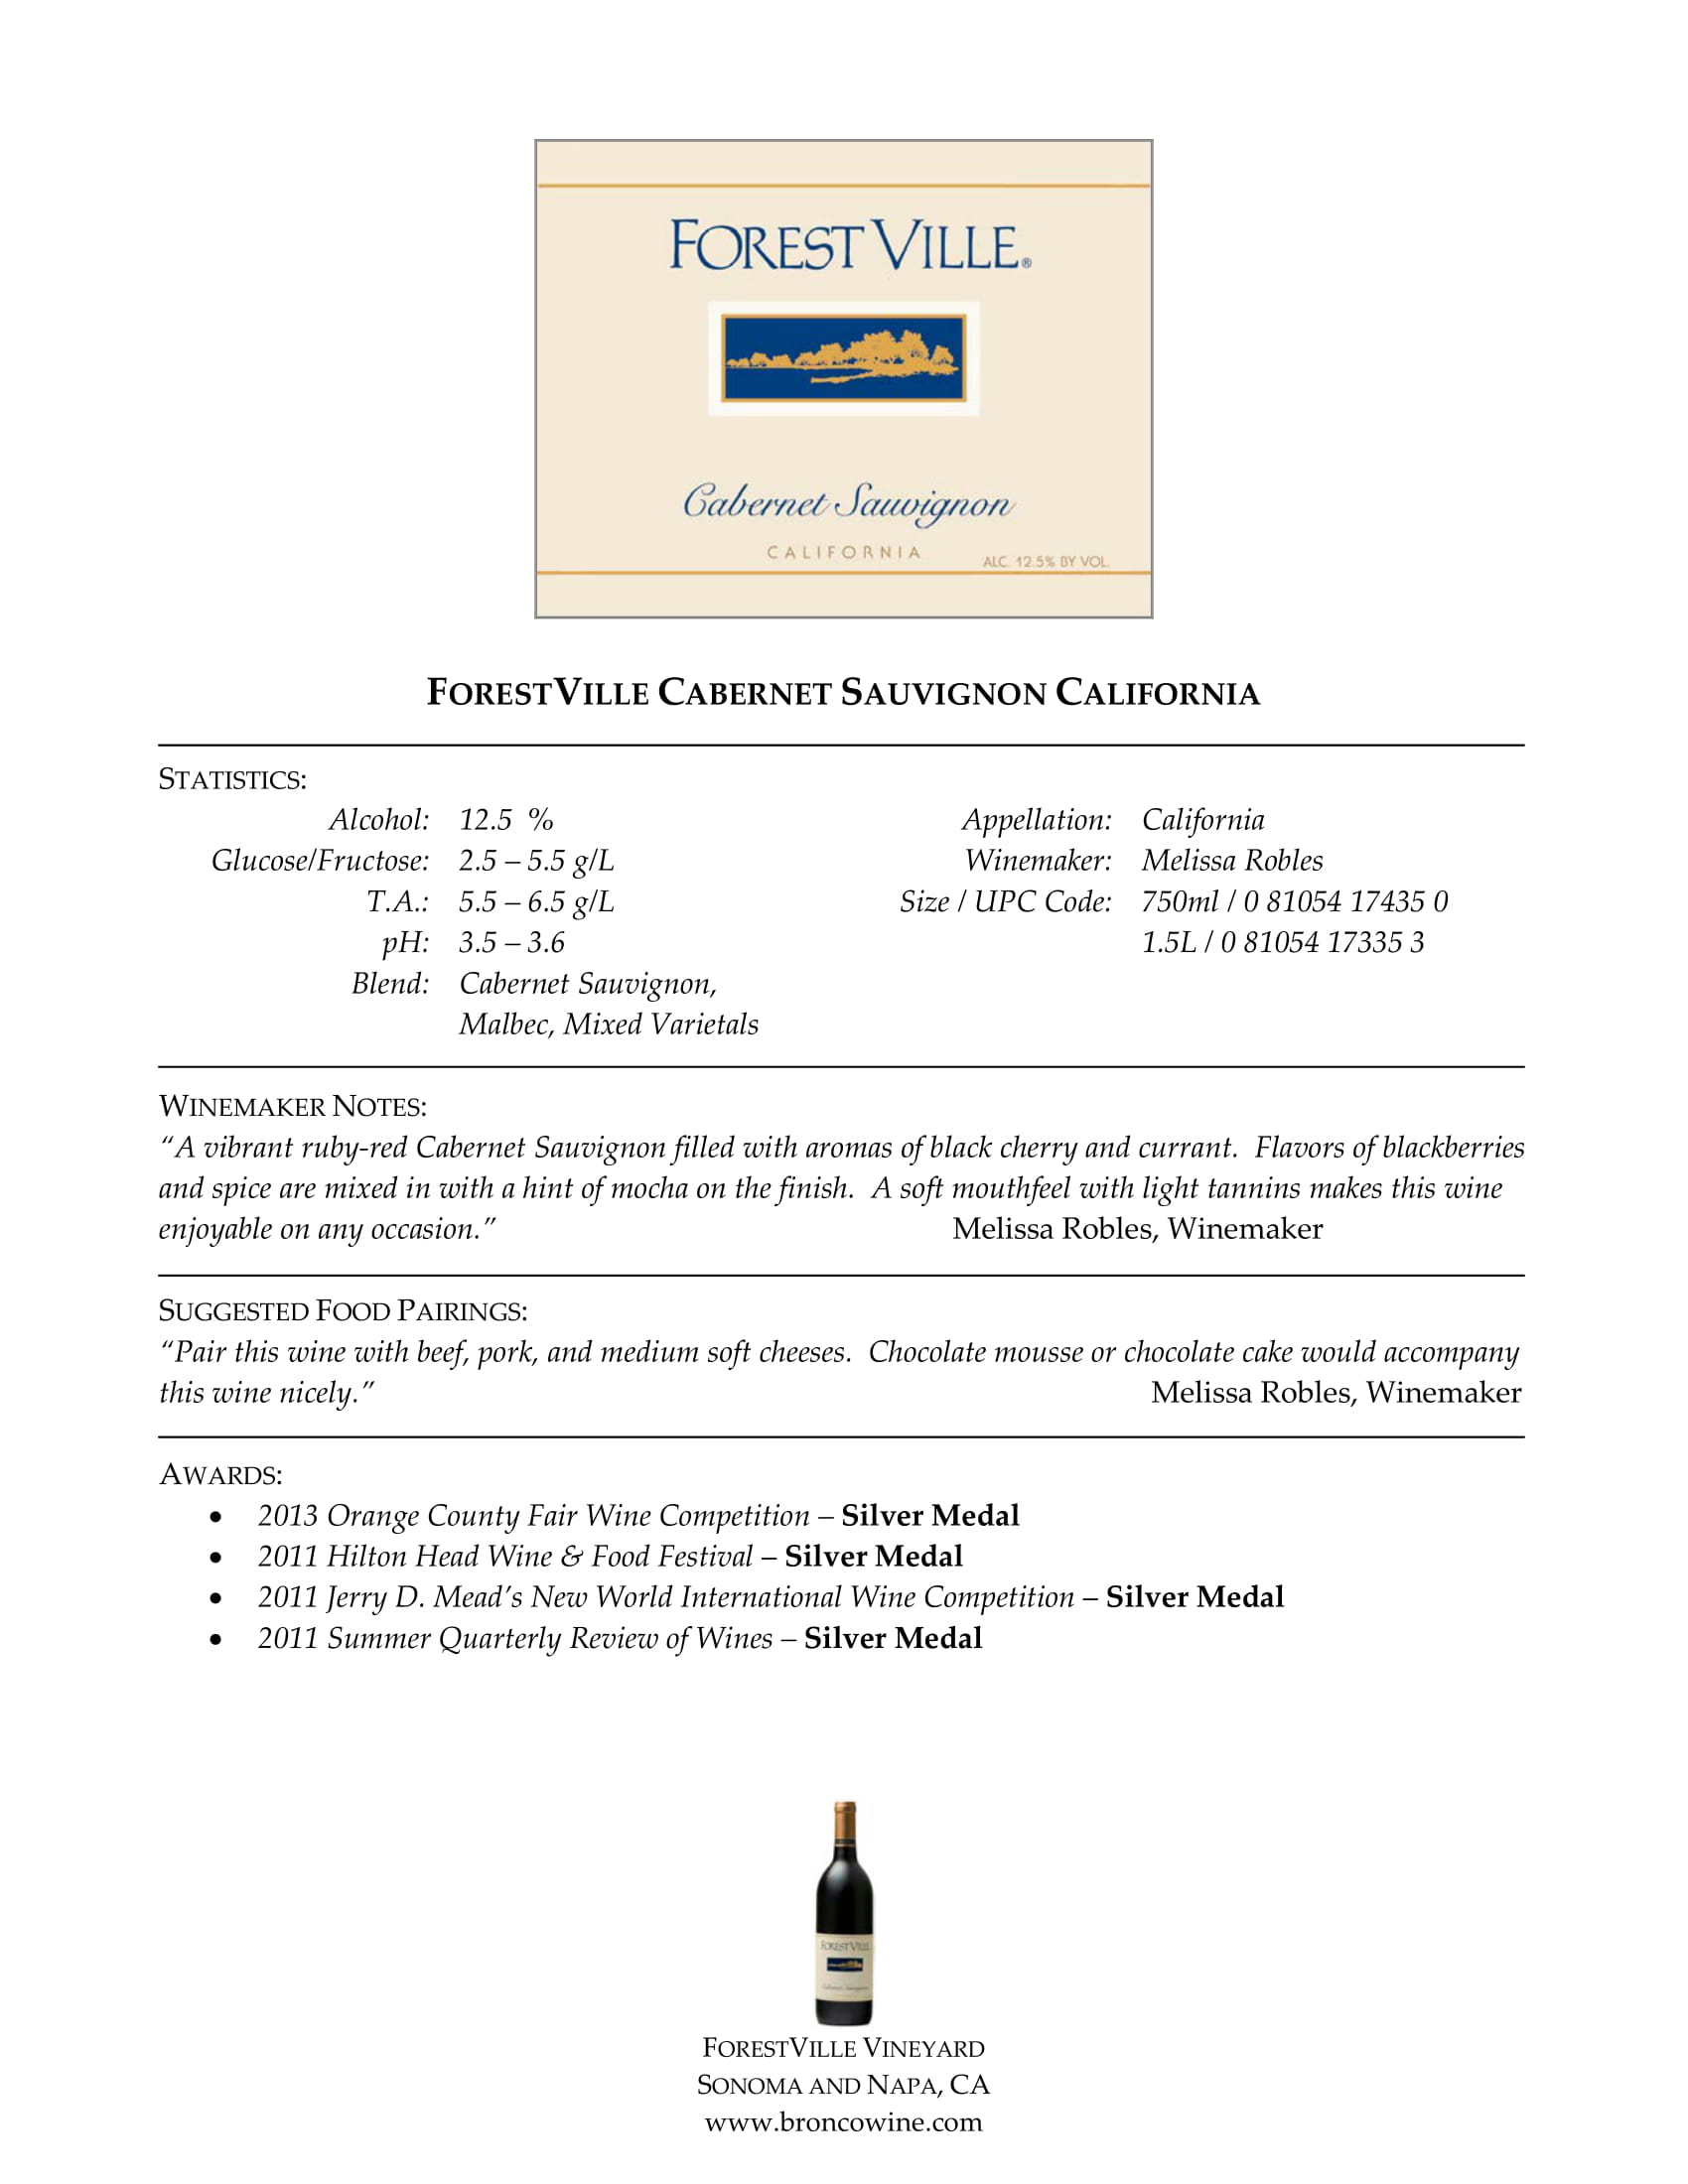 Forest Ville Cabernet Sauvignon Tech Sheet